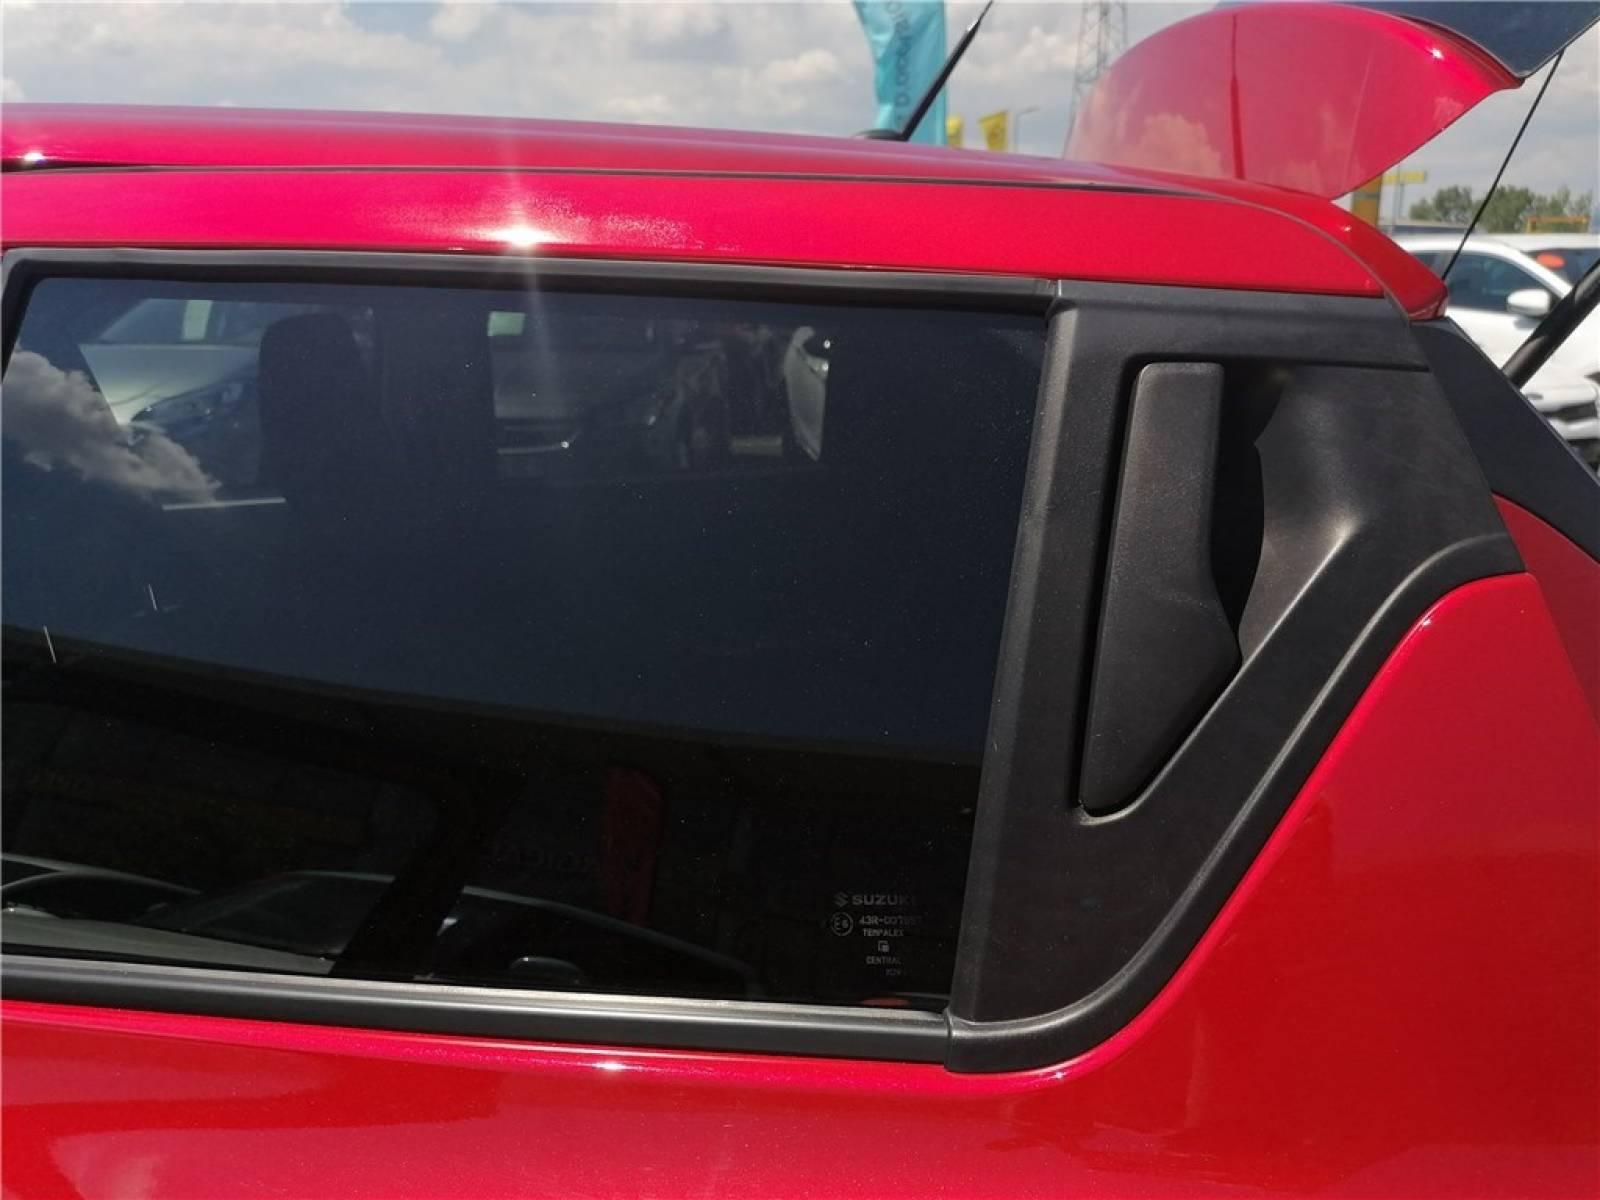 SUZUKI Swift 1.2 Dualjet Hybrid SHVS - véhicule d'occasion - Groupe Guillet - Hall de l'automobile - Chalon sur Saône - 71380 - Saint-Marcel - 18